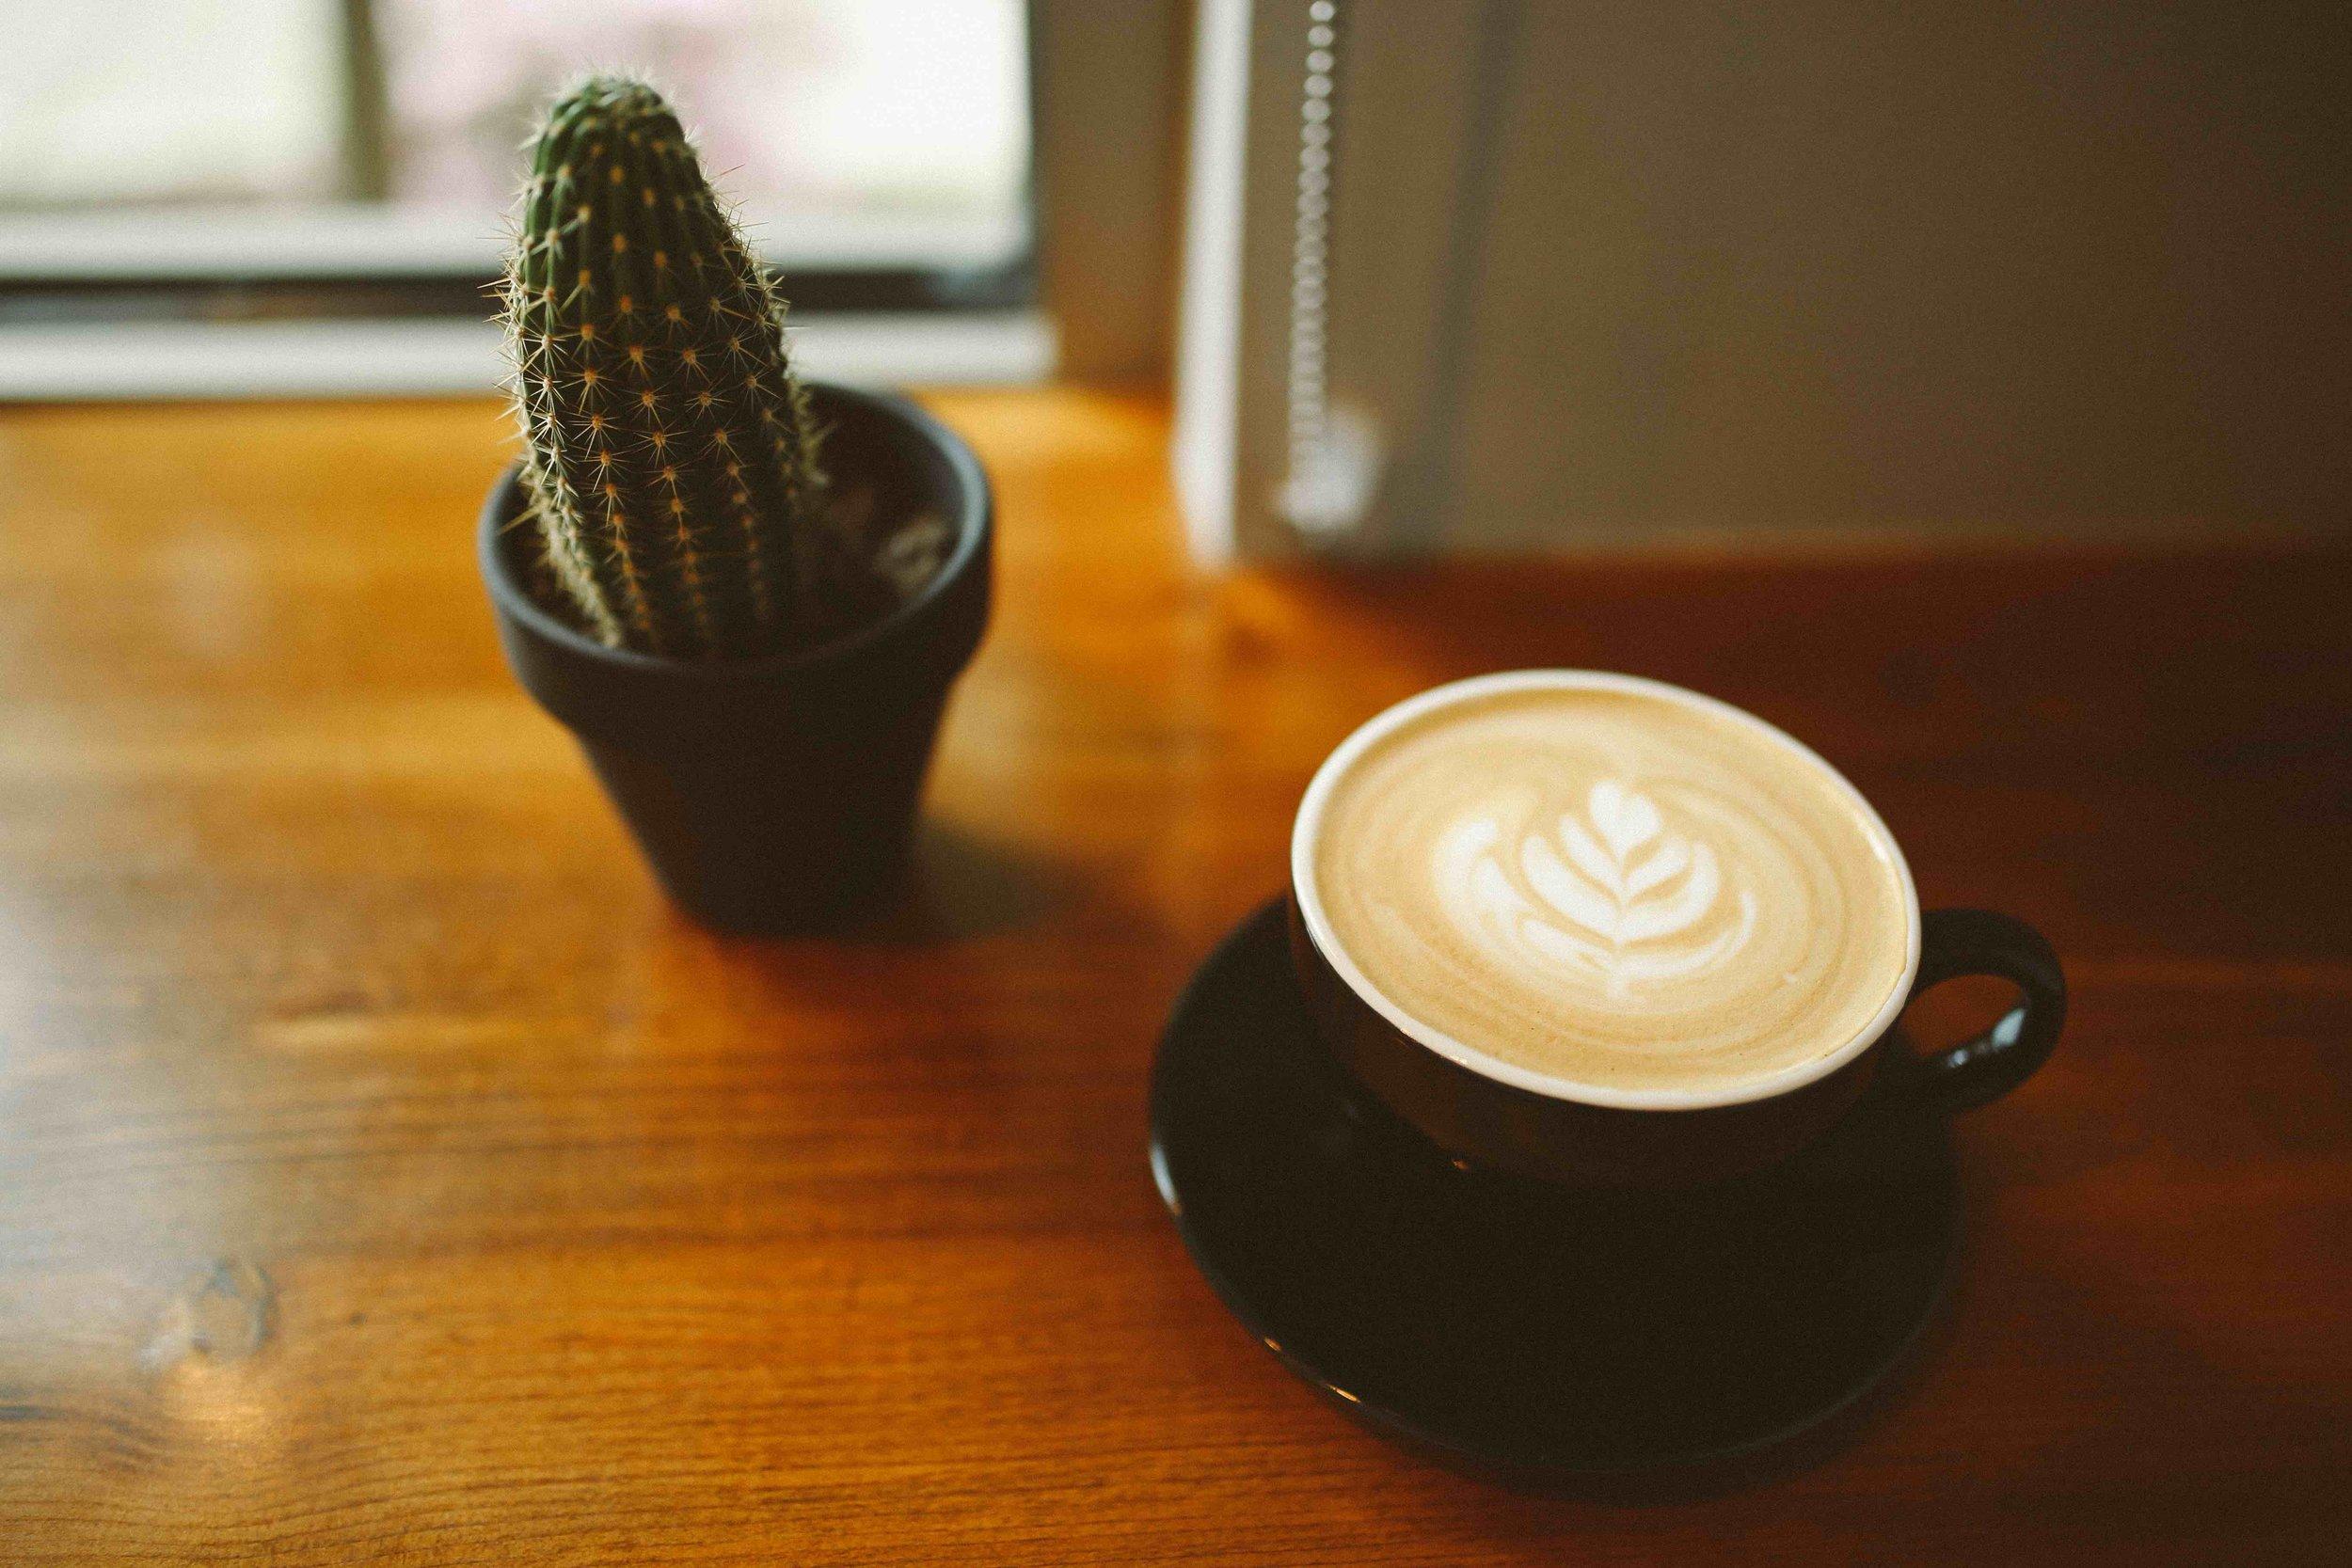 Coffee & Cactus